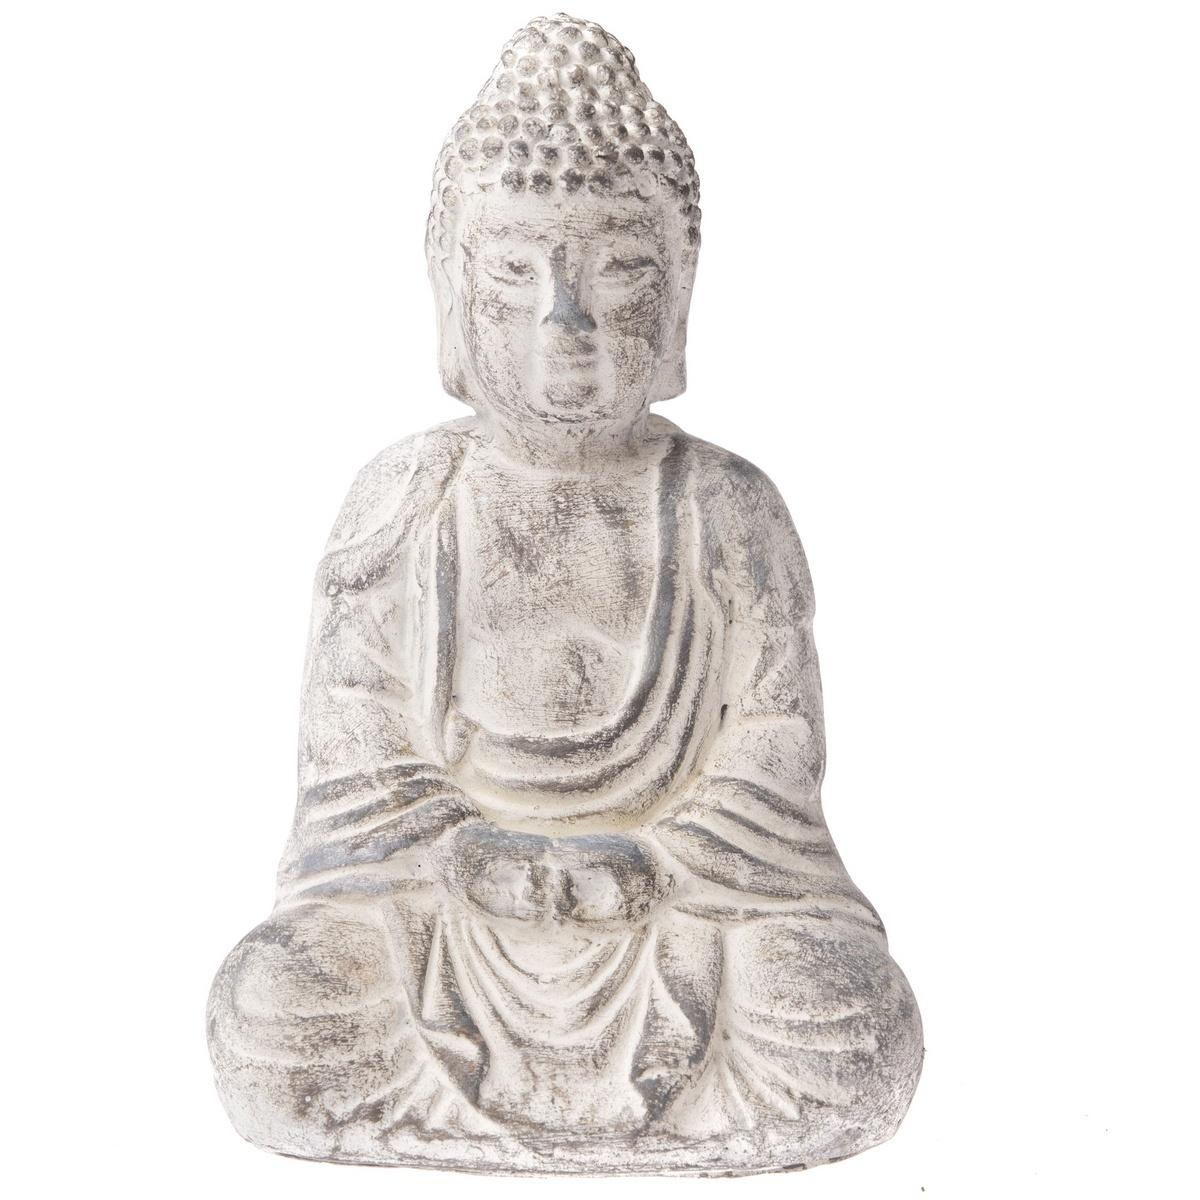 Statuetă din ciment Buddha, 13 x 20 cm, gri deschis imagine 2021 e4home.ro